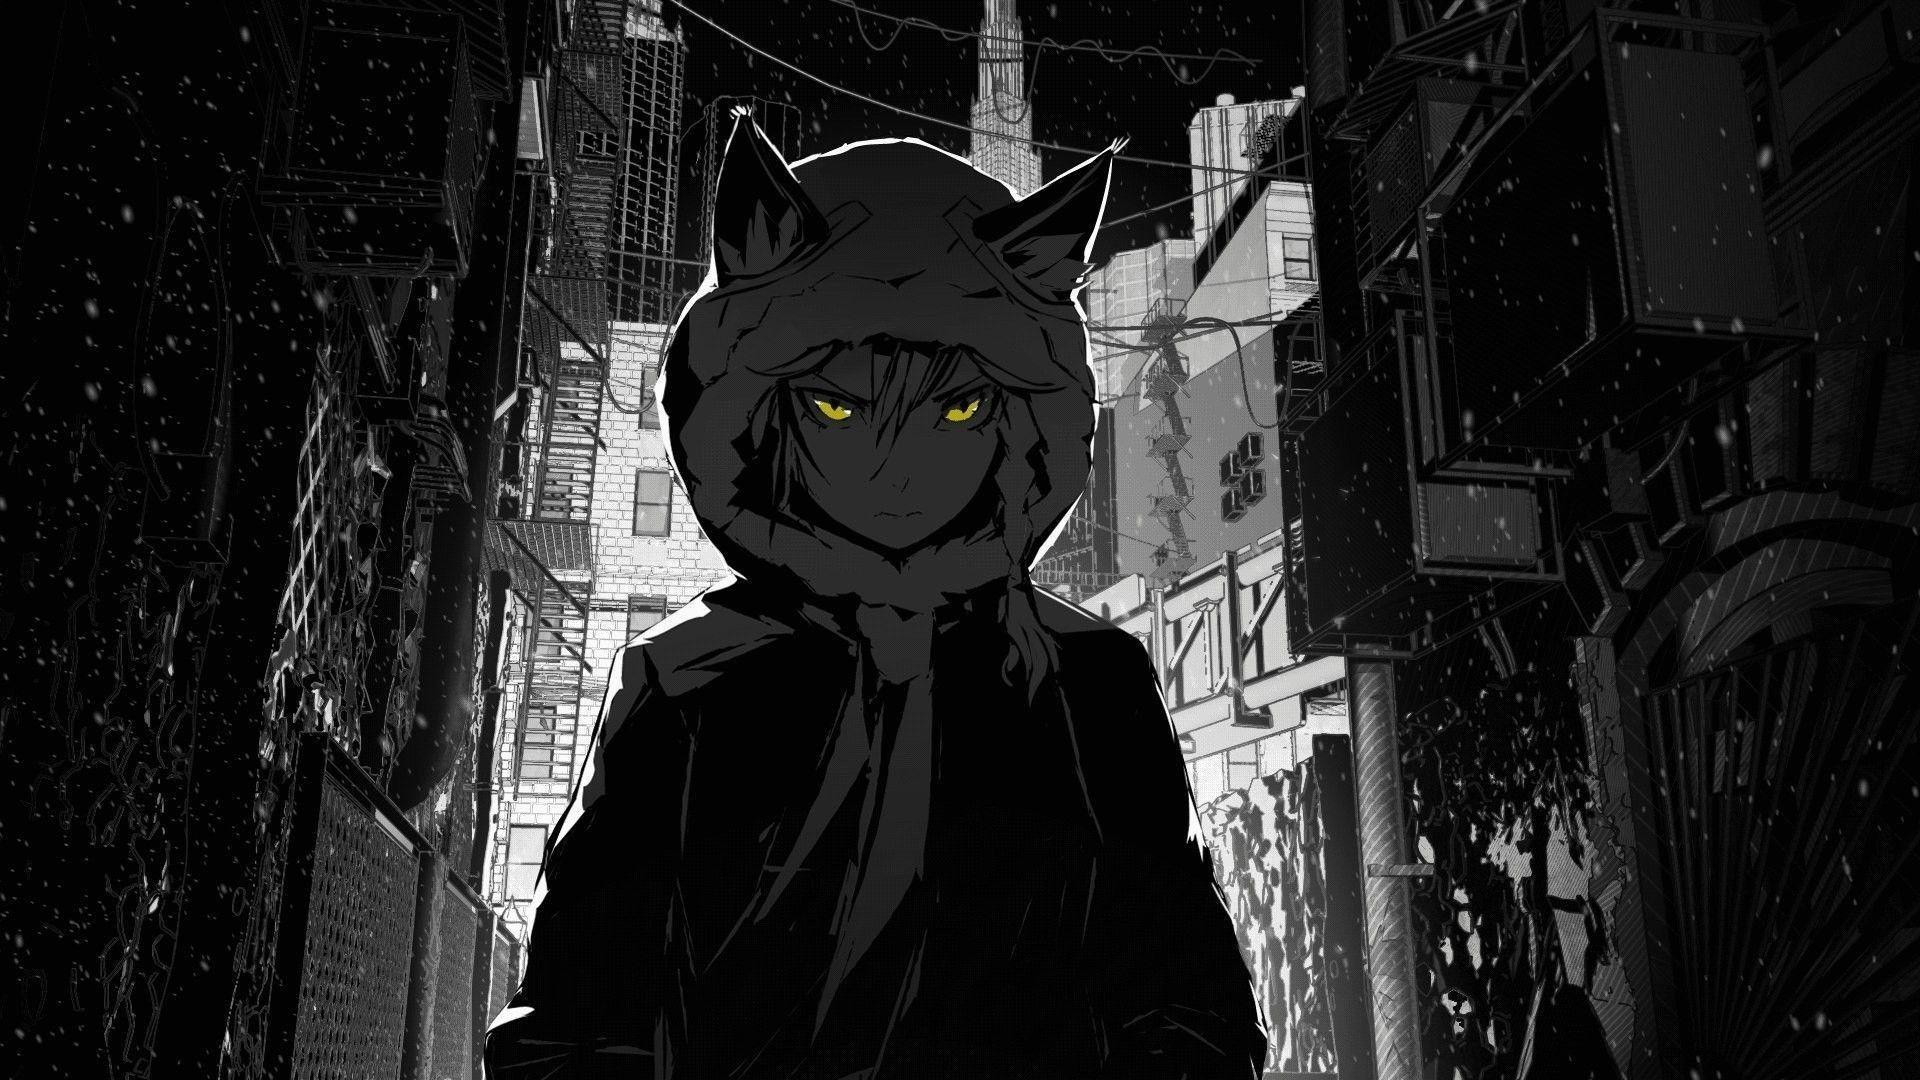 Dark Background Anime Wallpaper 4k Anime Wallpaper 1920x1080 Anime Wallpaper 4k Anime Wallpaper 25 4k wallpaper anime